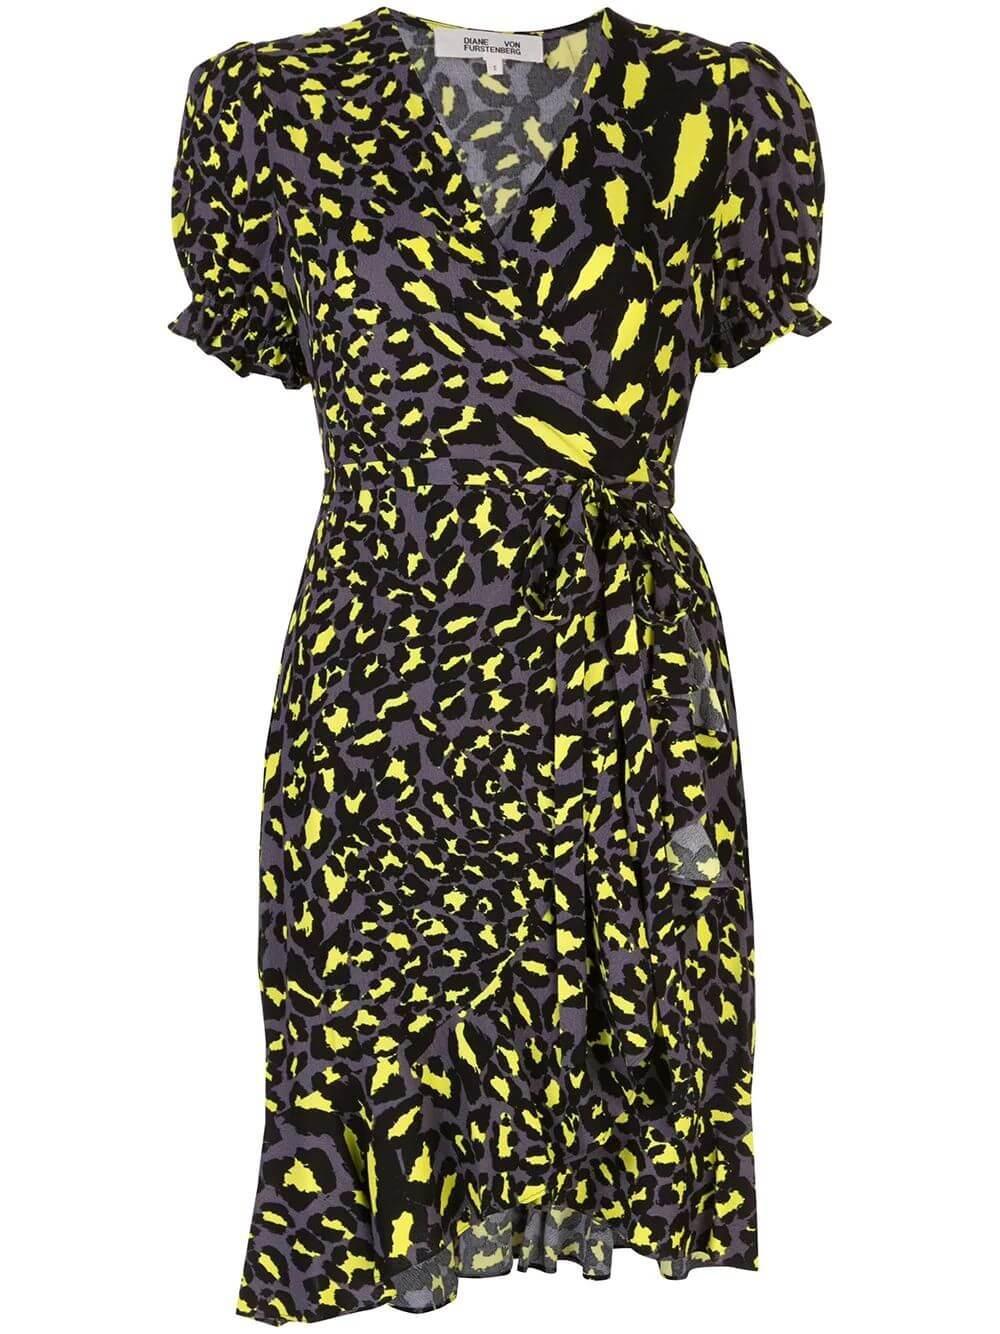 Emilia Short Sleeve Dress